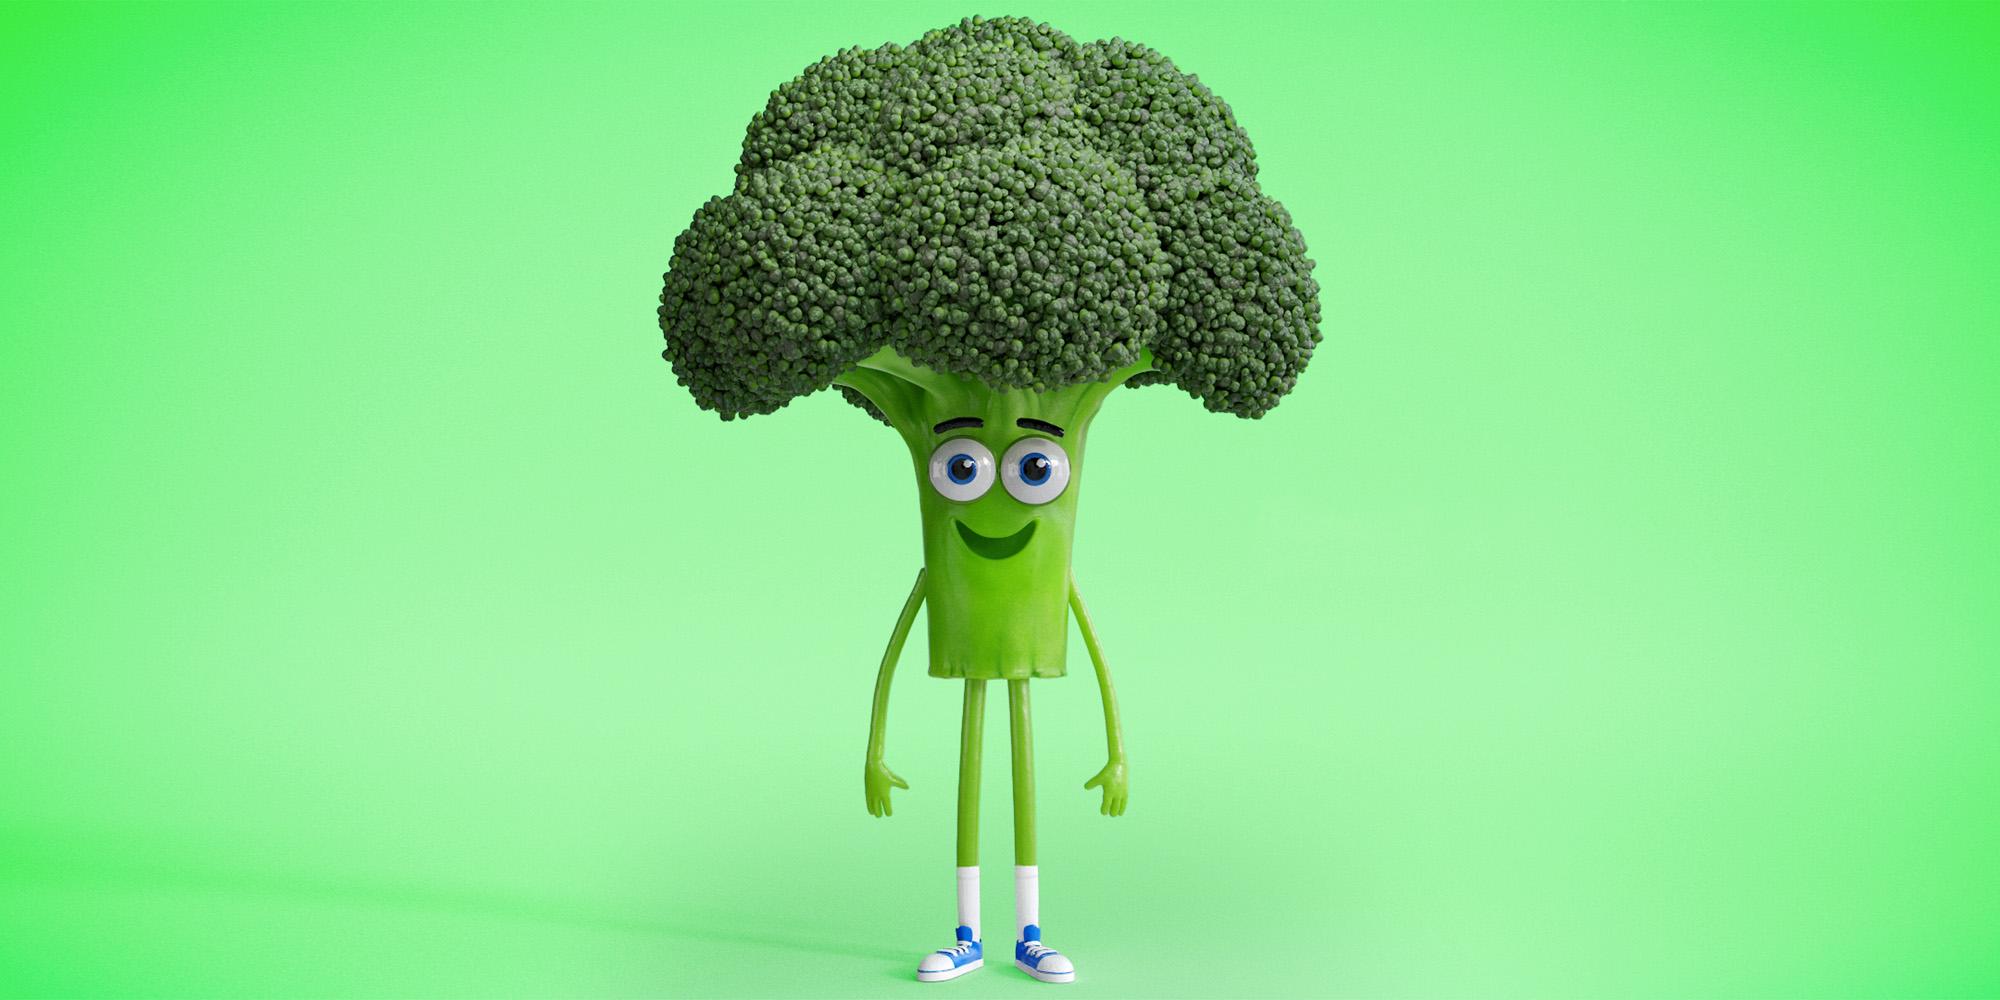 Broccoli_on_Background_v03_2x1.jpg